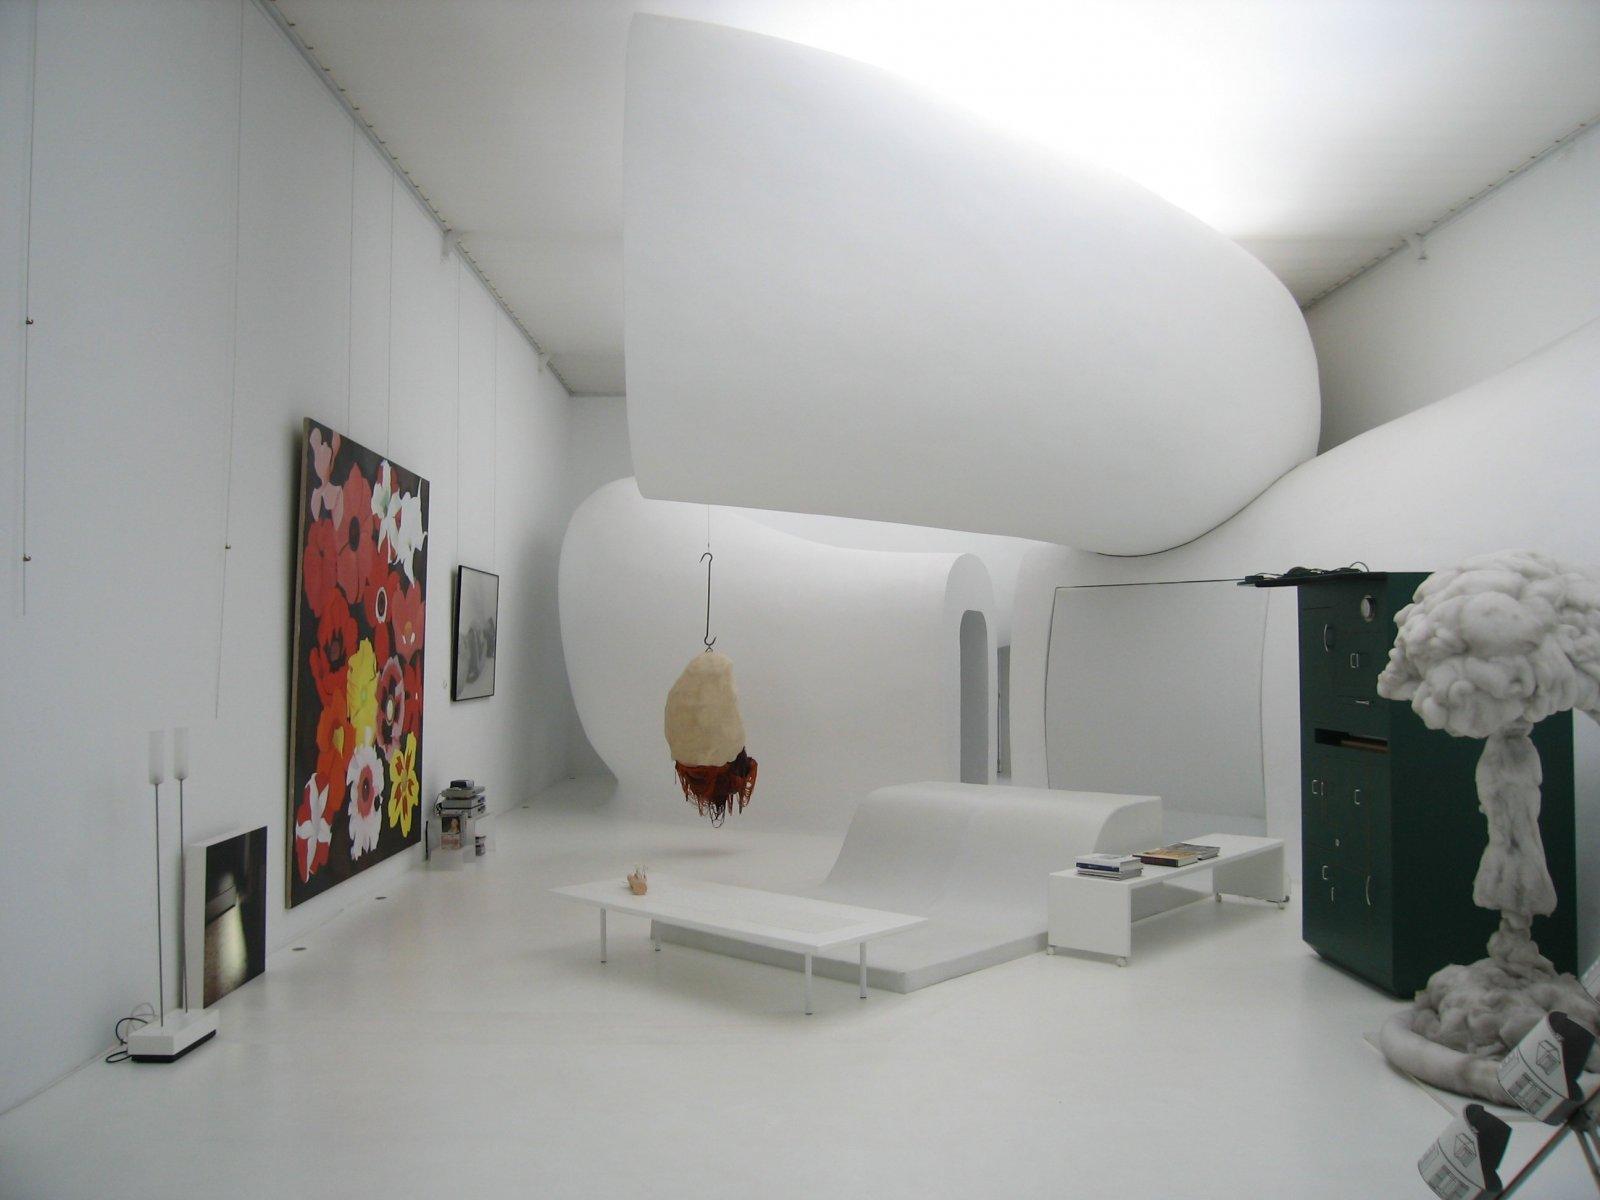 Snake proyecto de interiorismo contempor neo de fran ois for Interiorismo contemporaneo